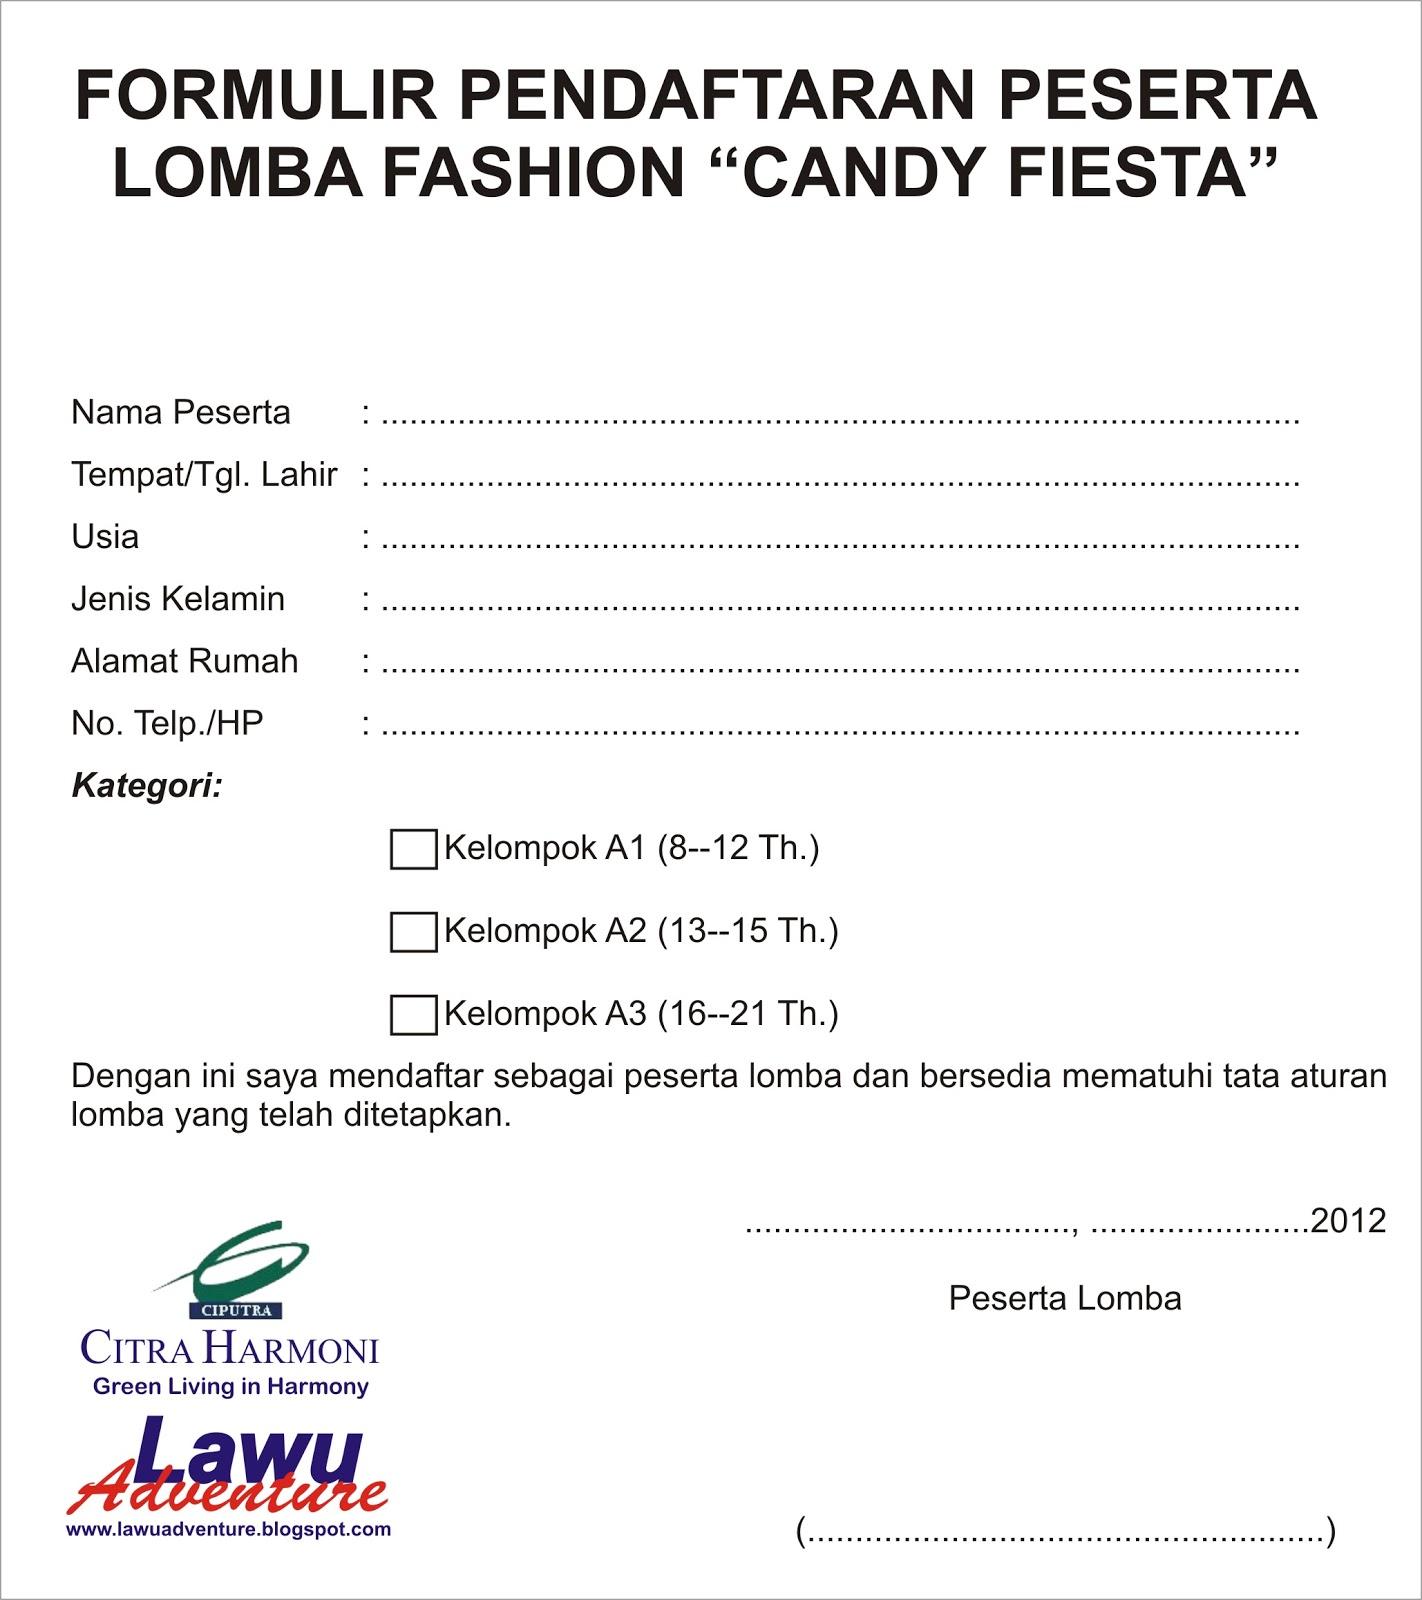 Lomba Fashion Candy Fiesta